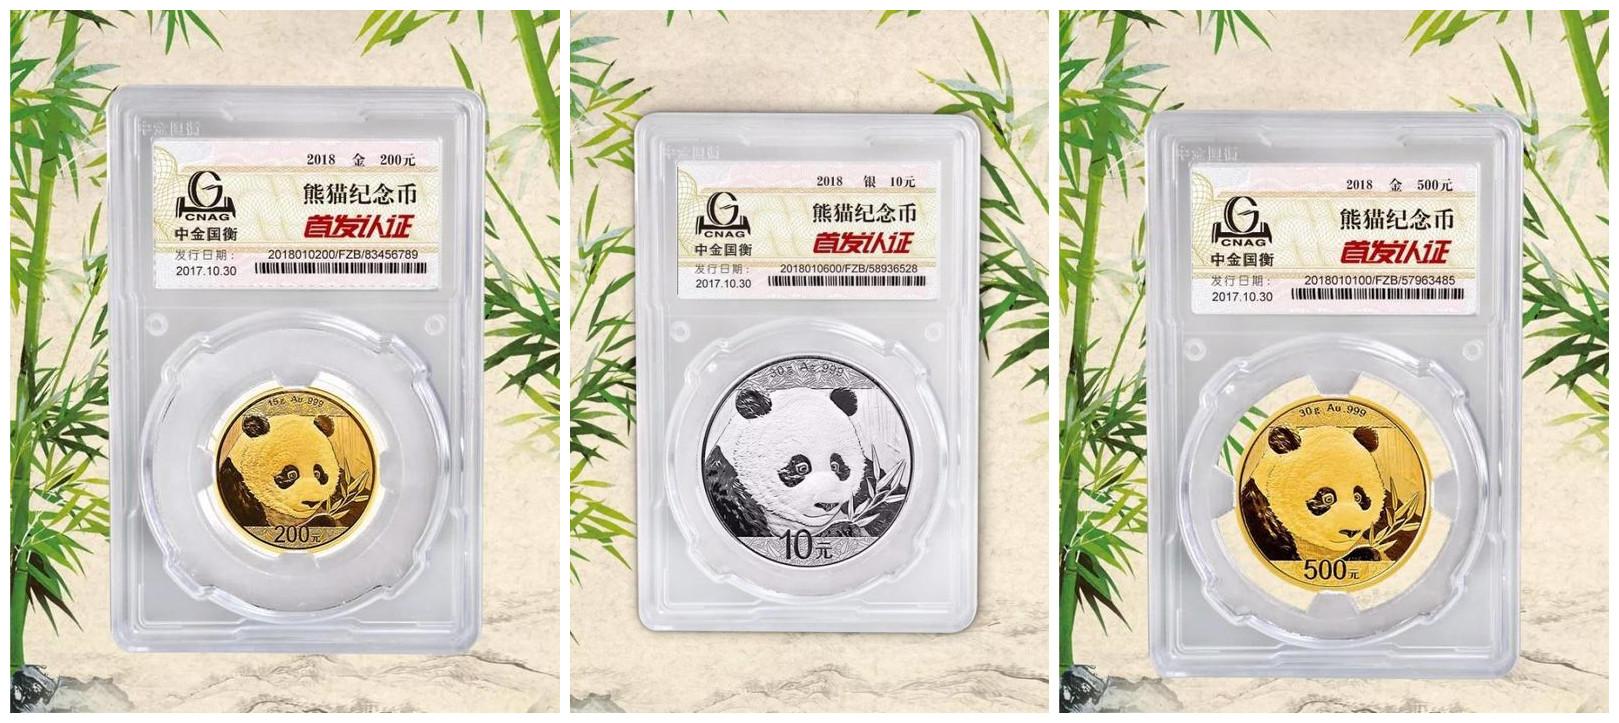 2018熊猫金银币中金国衡首发认证30日启动 逾期不再接受预约